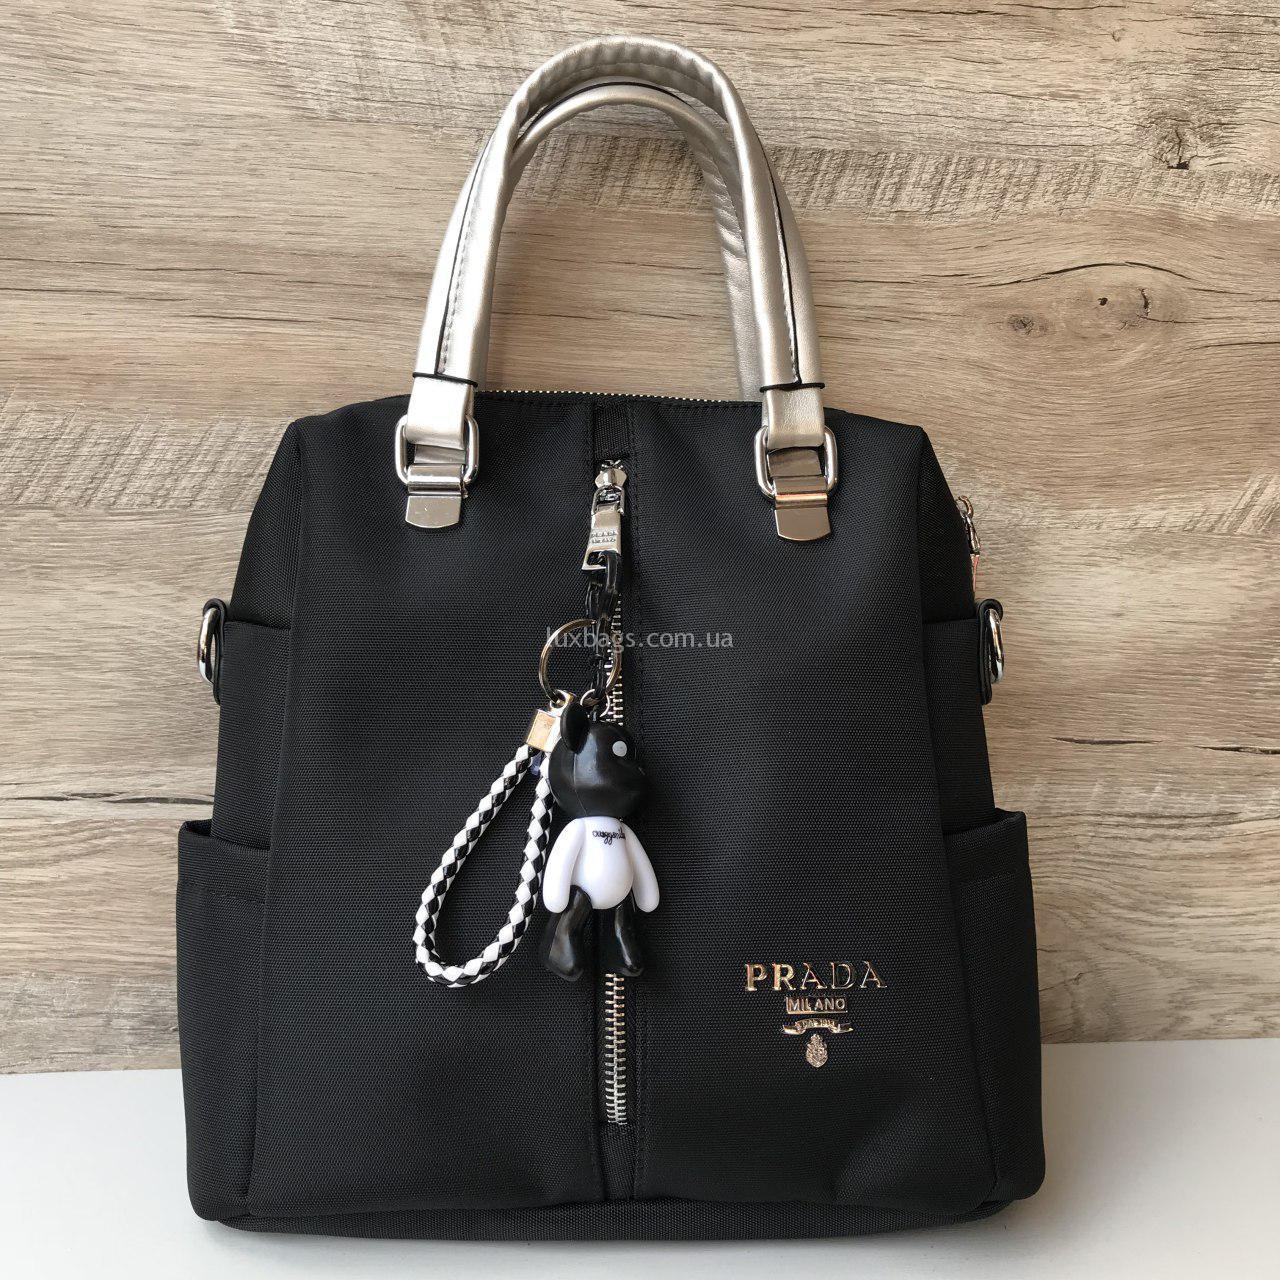 4122e5c78e43 Женская сумка рюкзак Prada Прада Купить на lux-bags